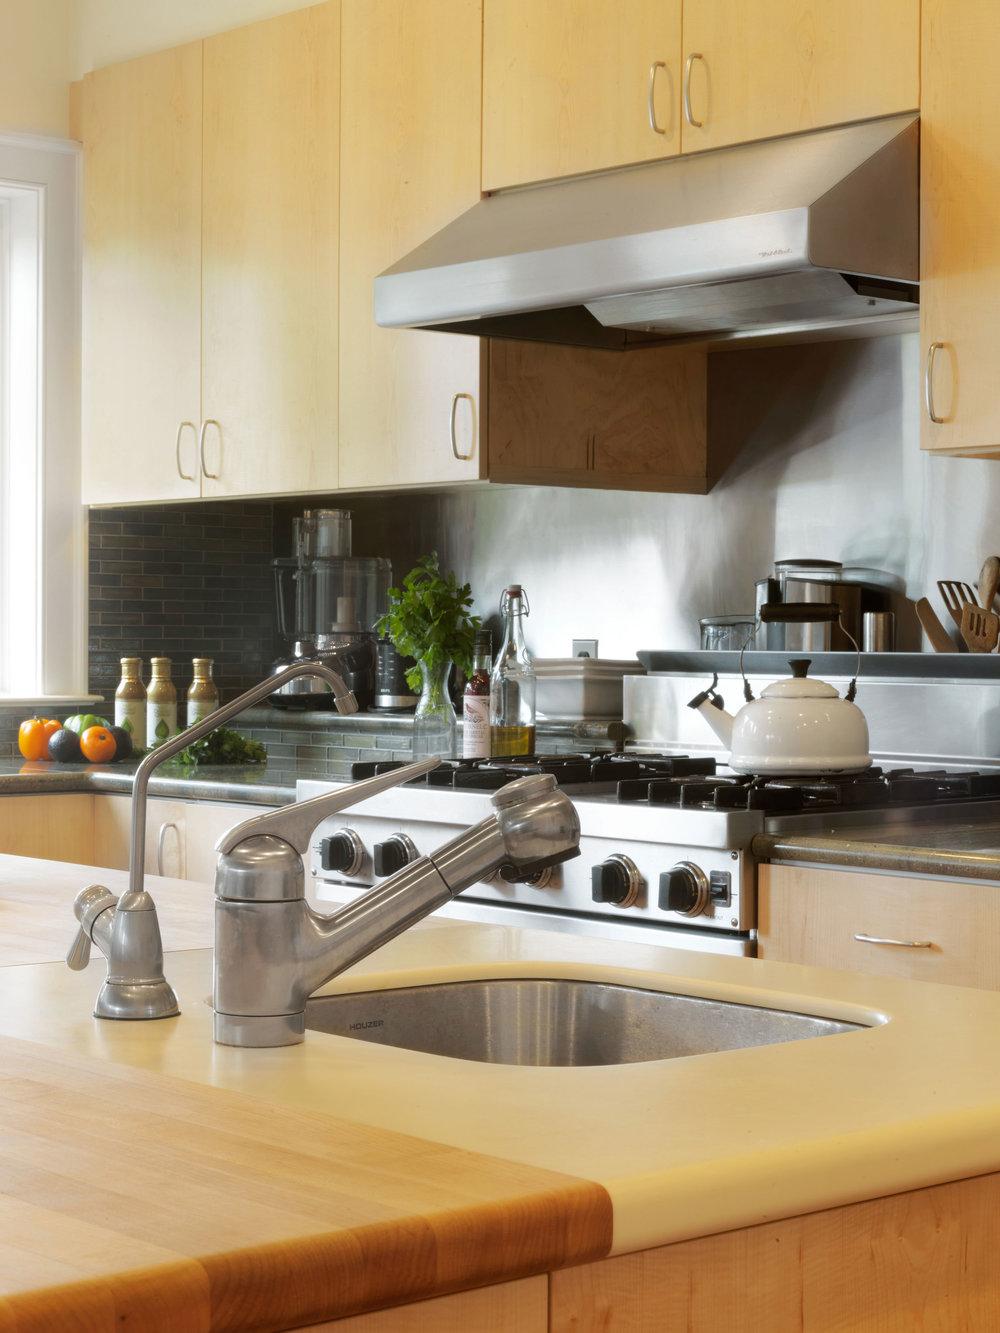 Maple-Slab-Kitchen-Cabinets-3.jpg